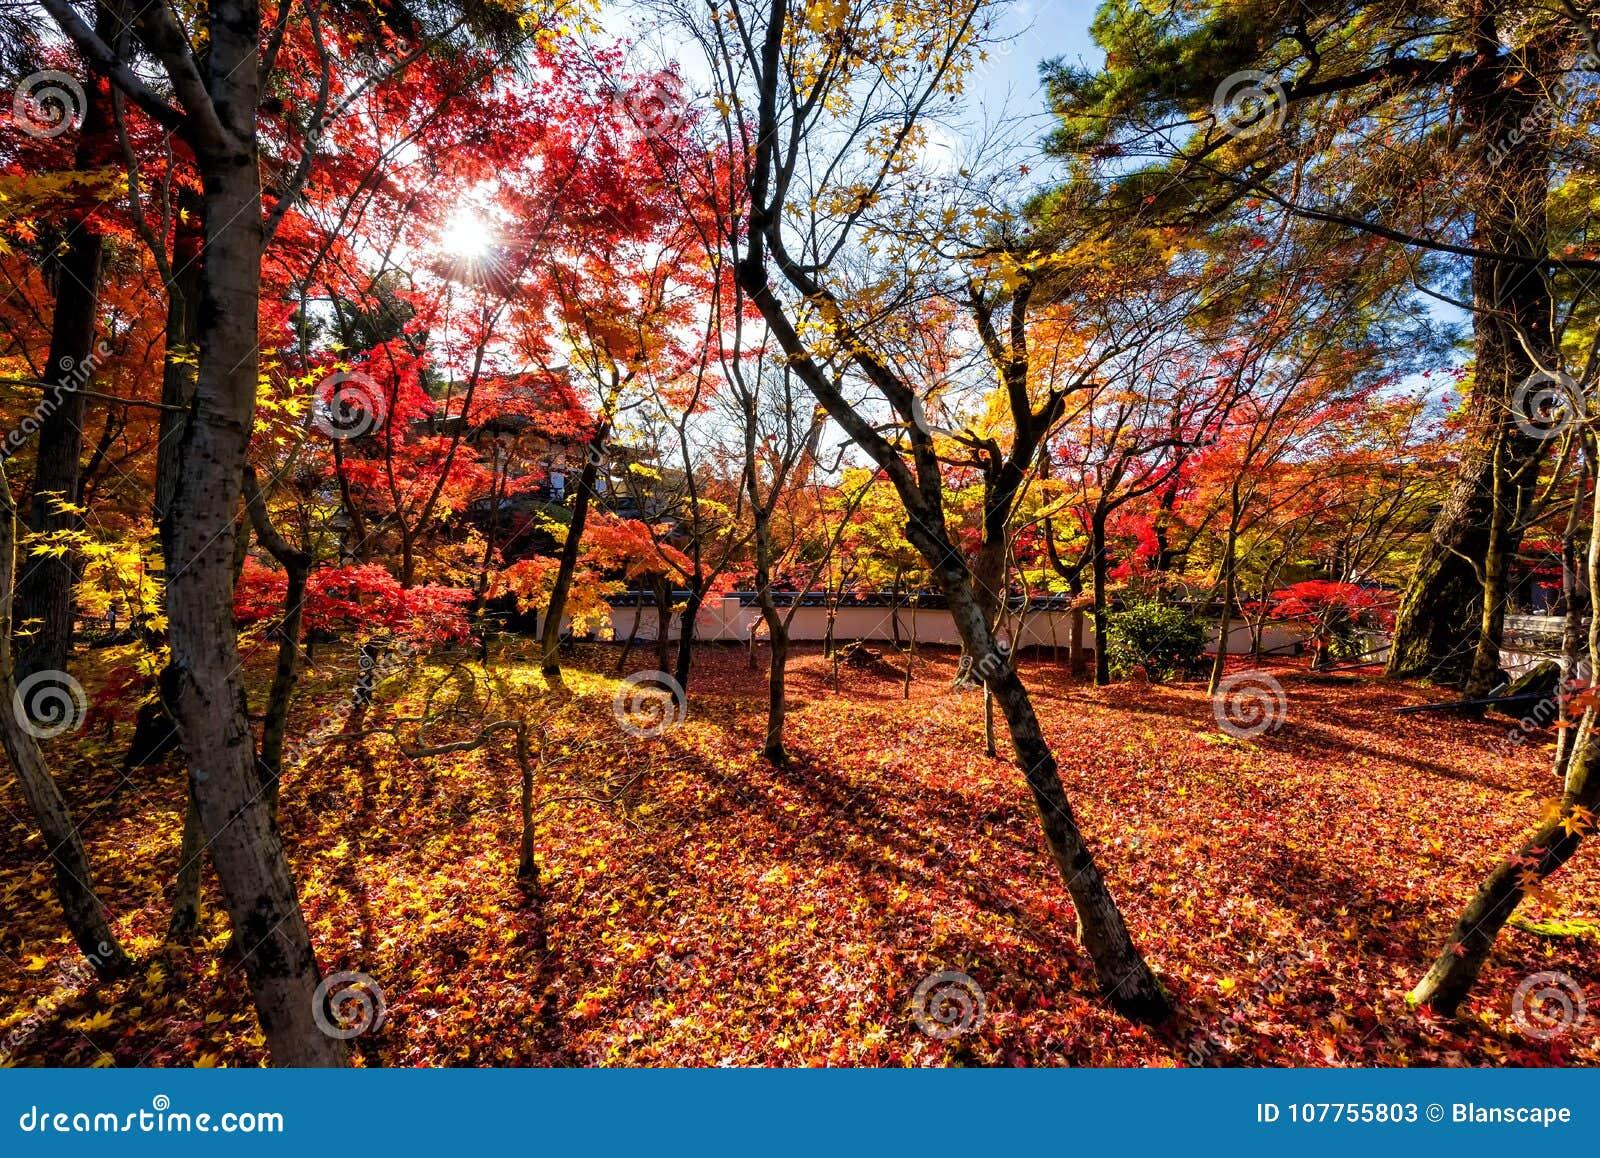 Fall Leaf Colors At Eikando Temple, Kyoto Stock Image - Image of ...